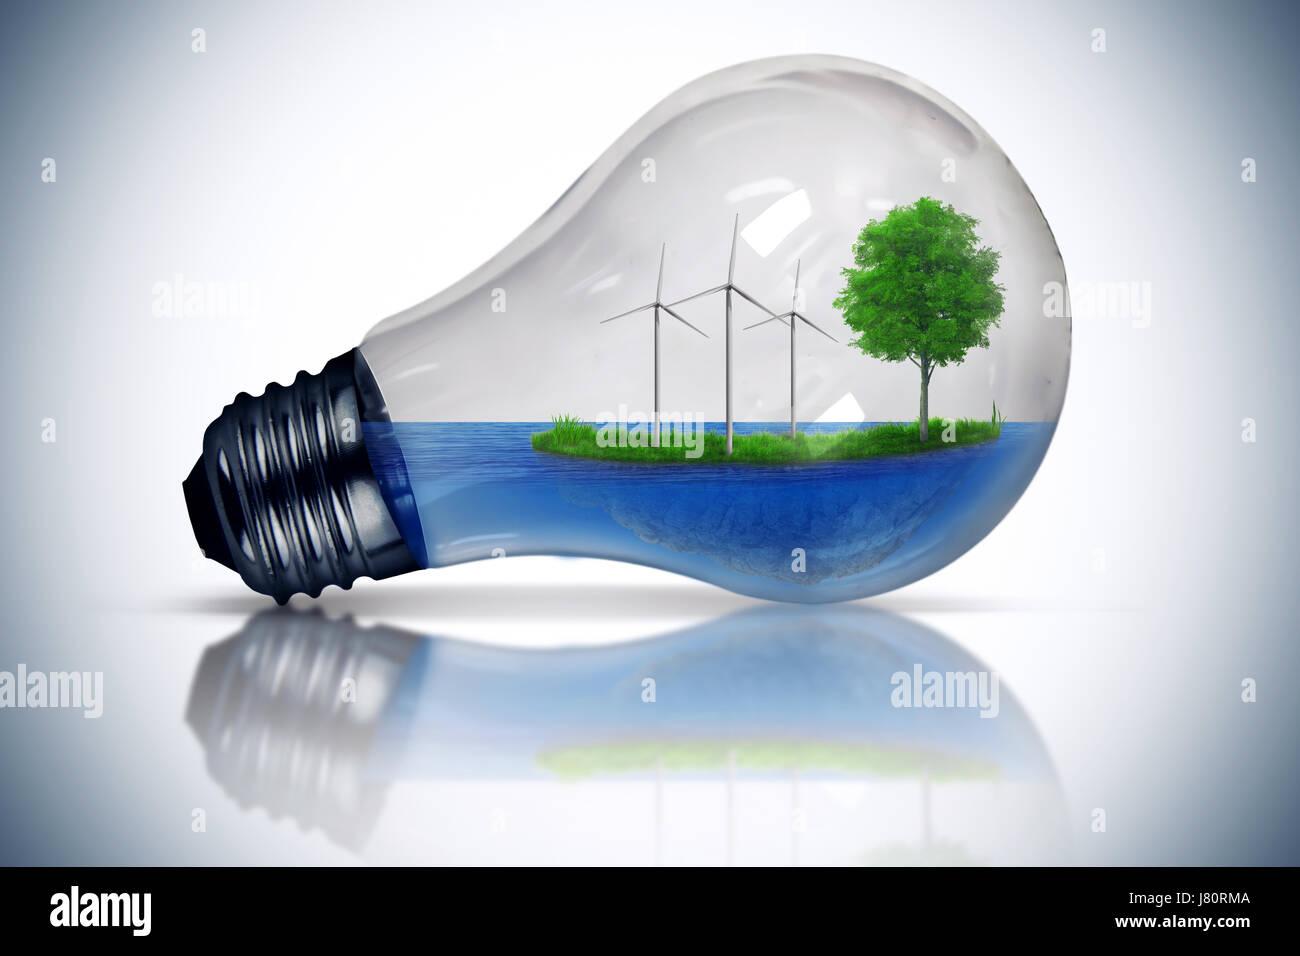 Bombilla de luz como un micro planeta con agua azul y una isla con hierba verde y el árbol que crece en su interior. Foto de stock